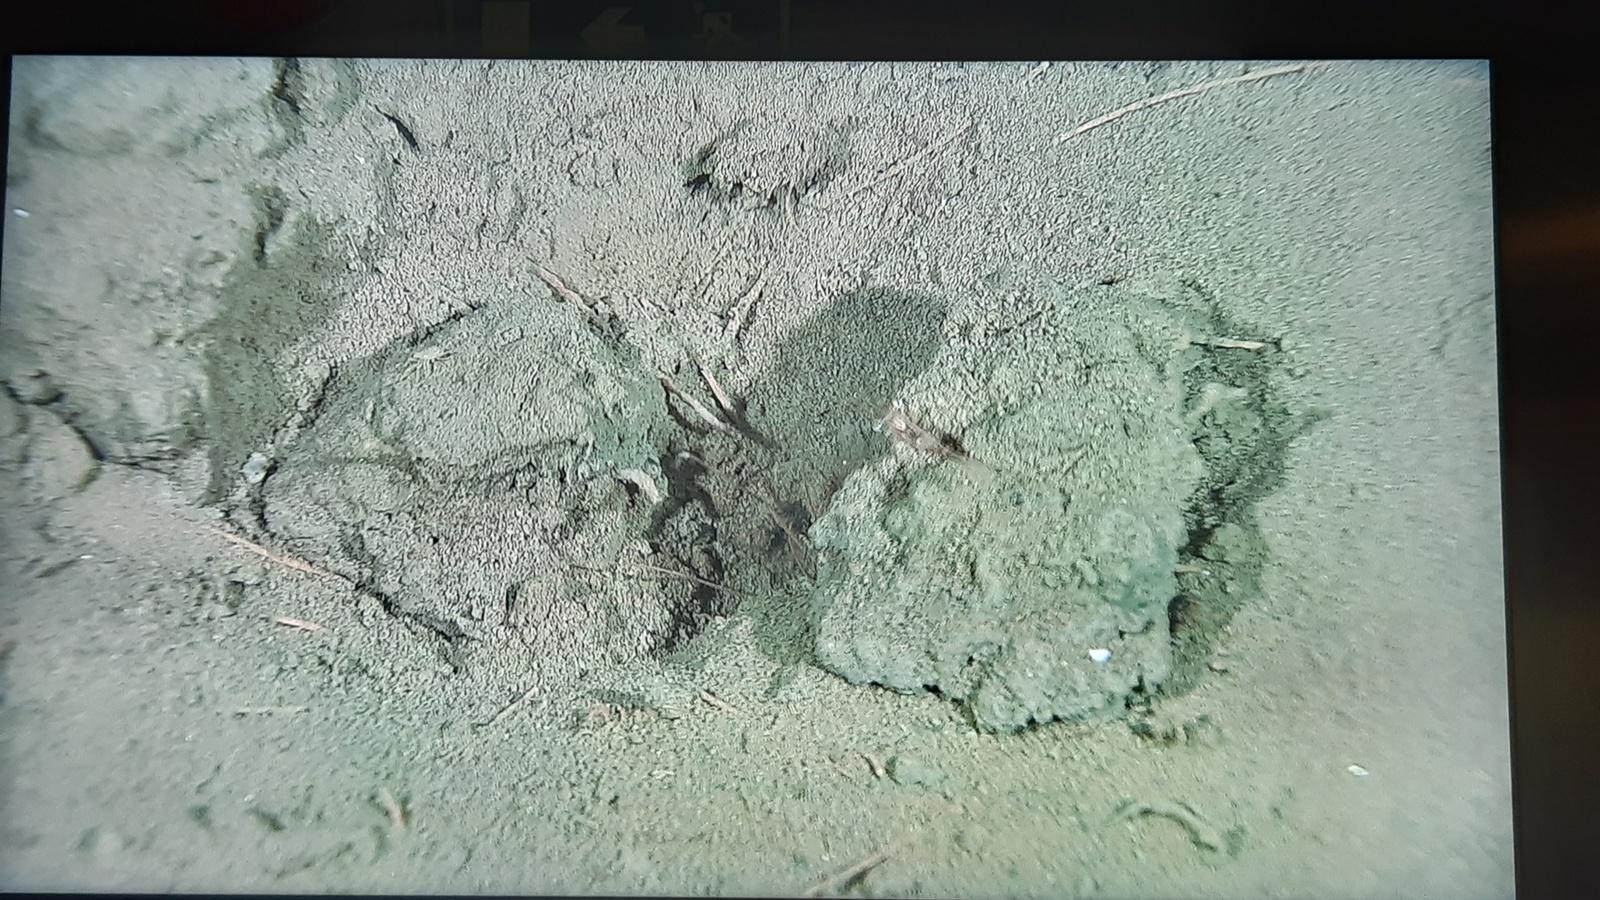 Neohela-huler (Neohela er en amphipod)